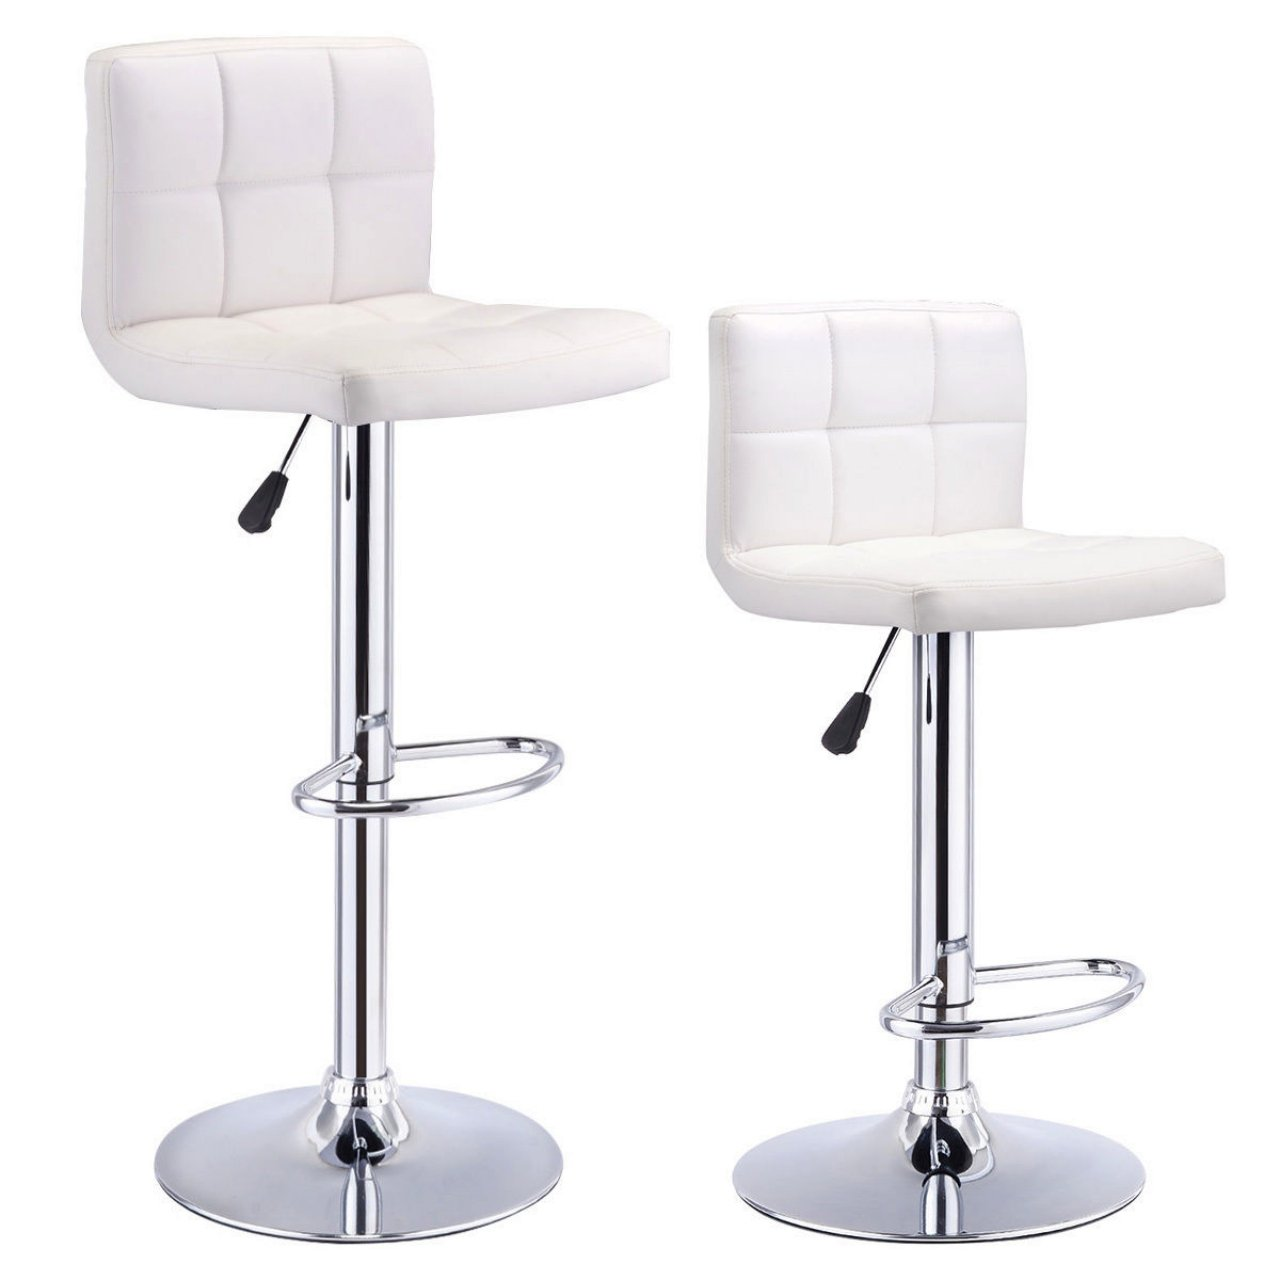 Set Of 2 Bar Stools Anti-aging PU Leather Adjustable Barstool 360 Degree Swivel Pub Style Comfortable Backrest/White #824